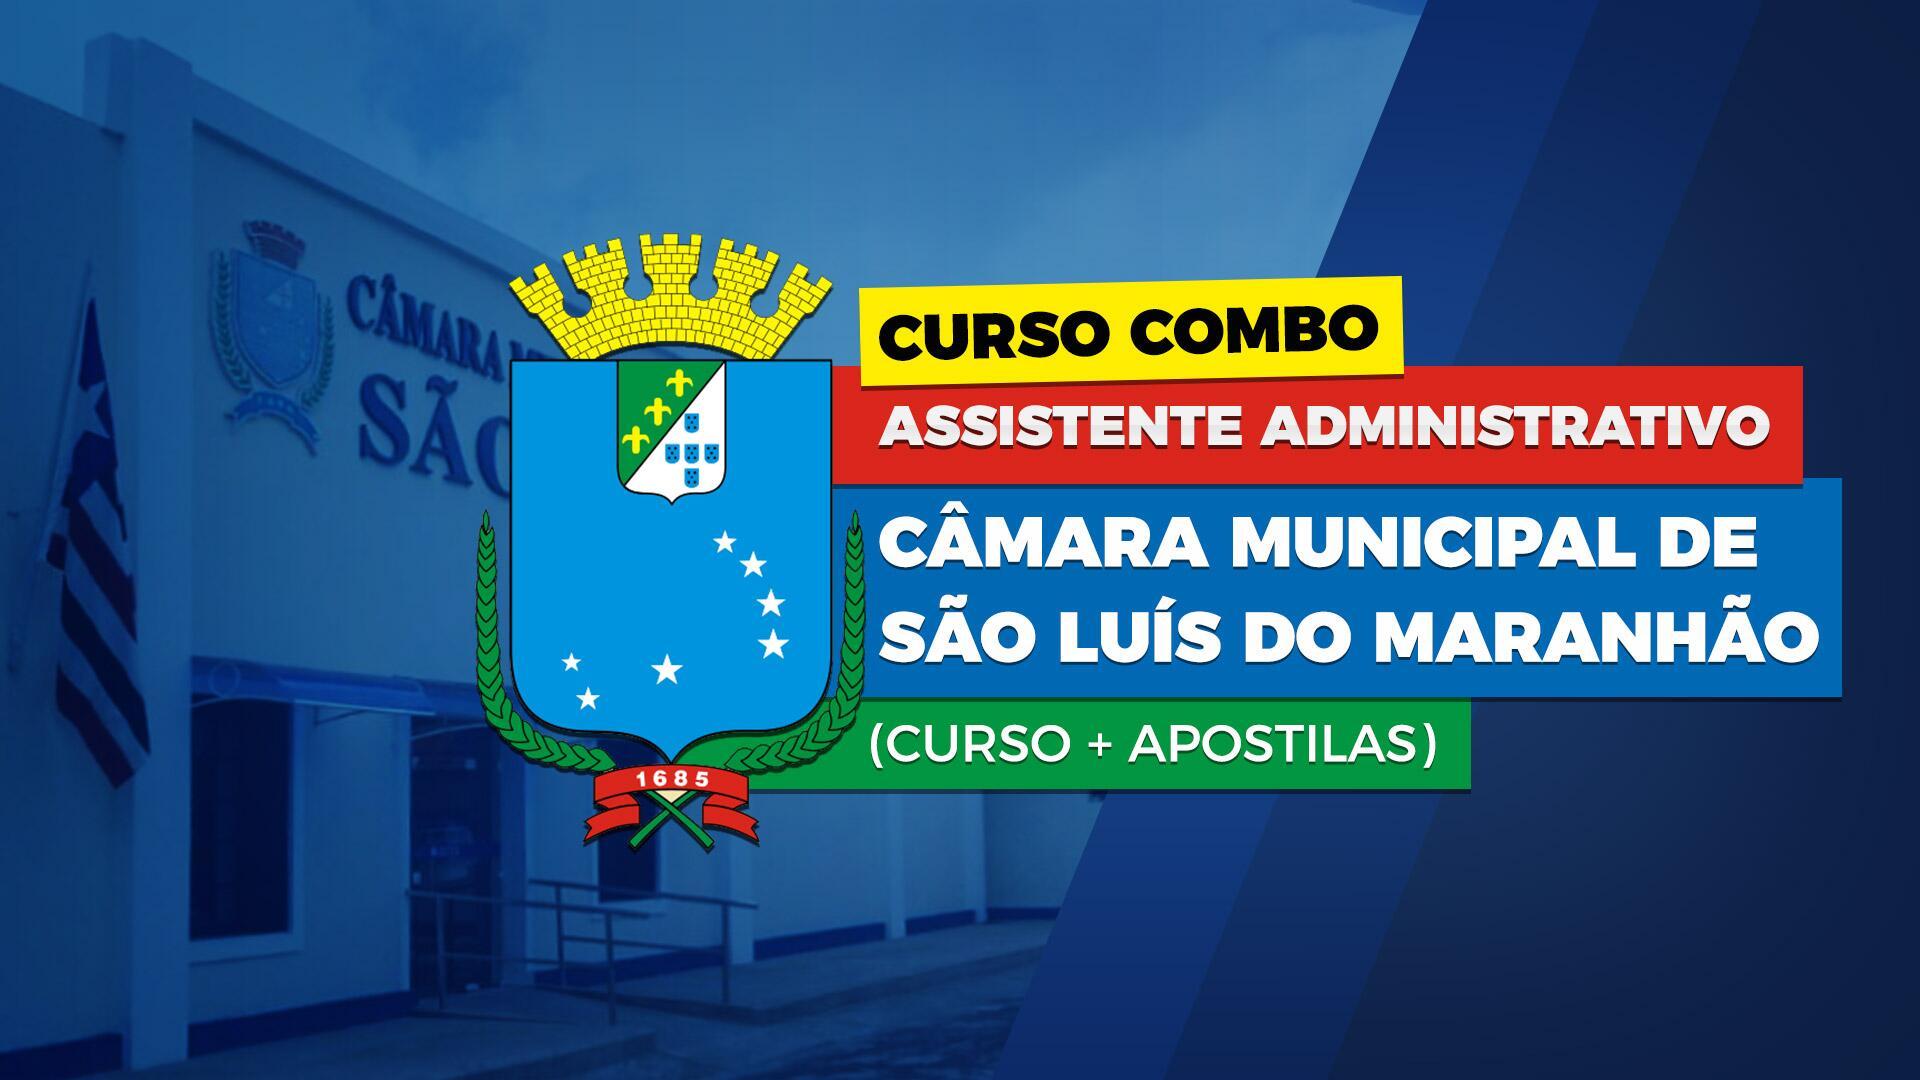 Câmara Municipal de São Luís do Maranhão - Assistente Administrativo (curso + apostilas)